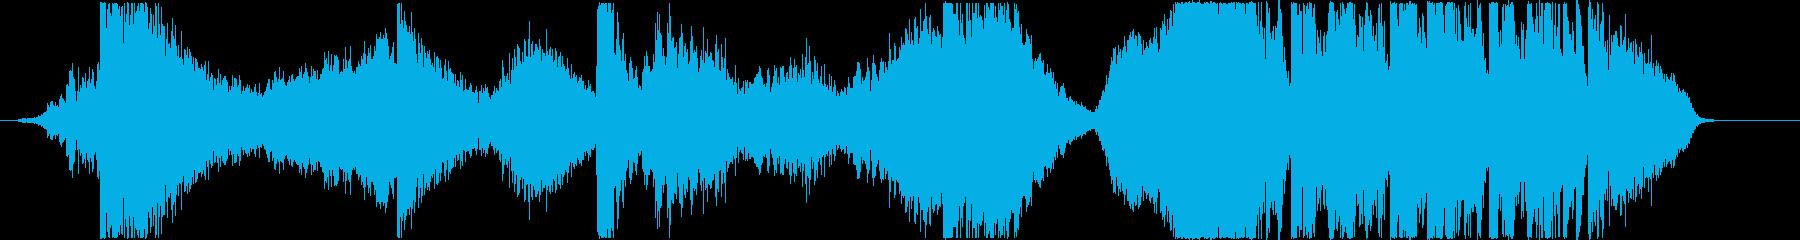 トレーラーetc./打楽器主体*恐怖の再生済みの波形